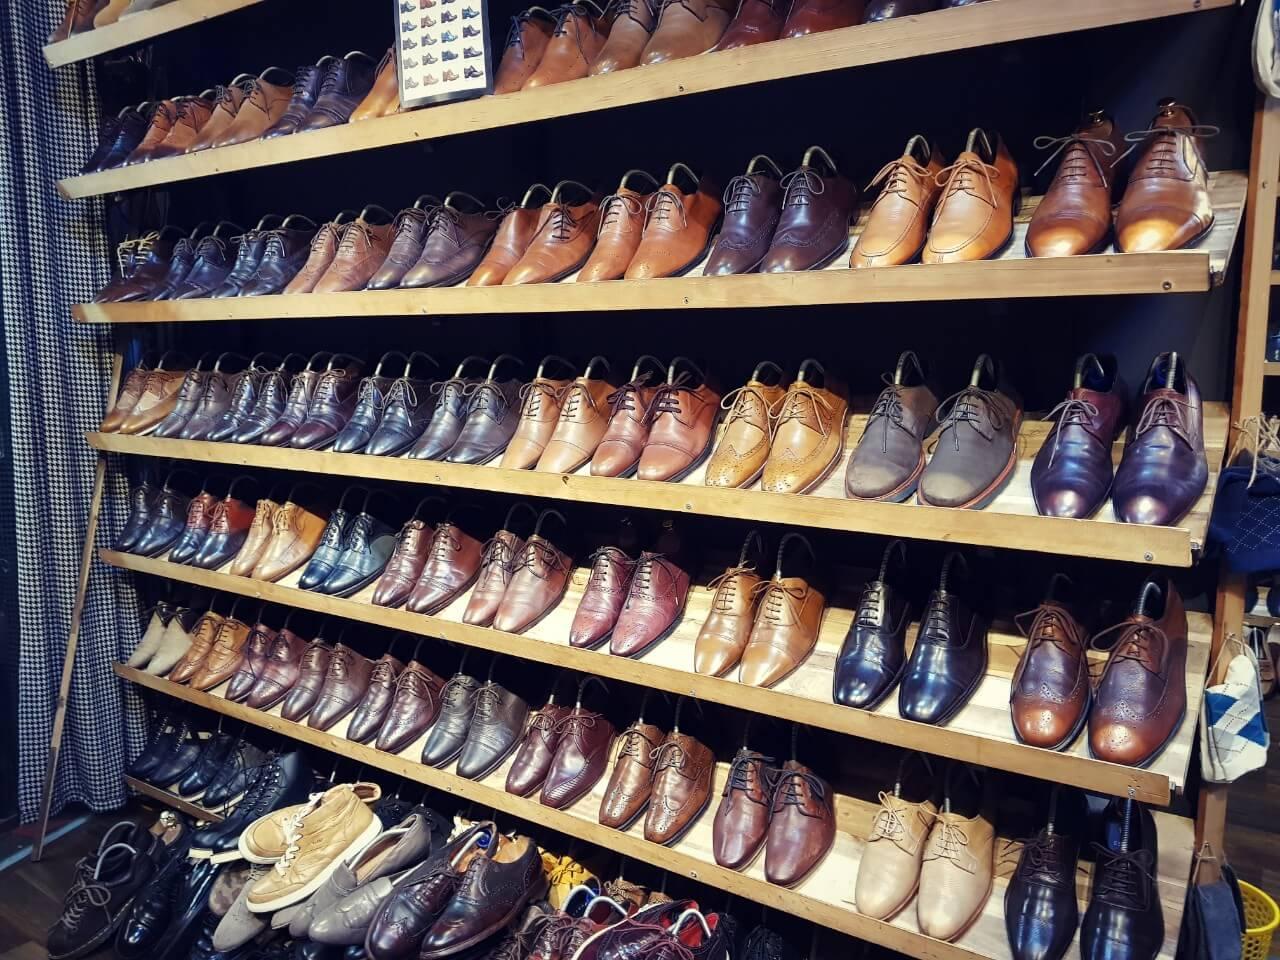 Việc mua giày tây secondhand sẽ giúp tiết kiệm được khá nhiều chi phí khi mà giá mua mới loại giày này không hề rẻ